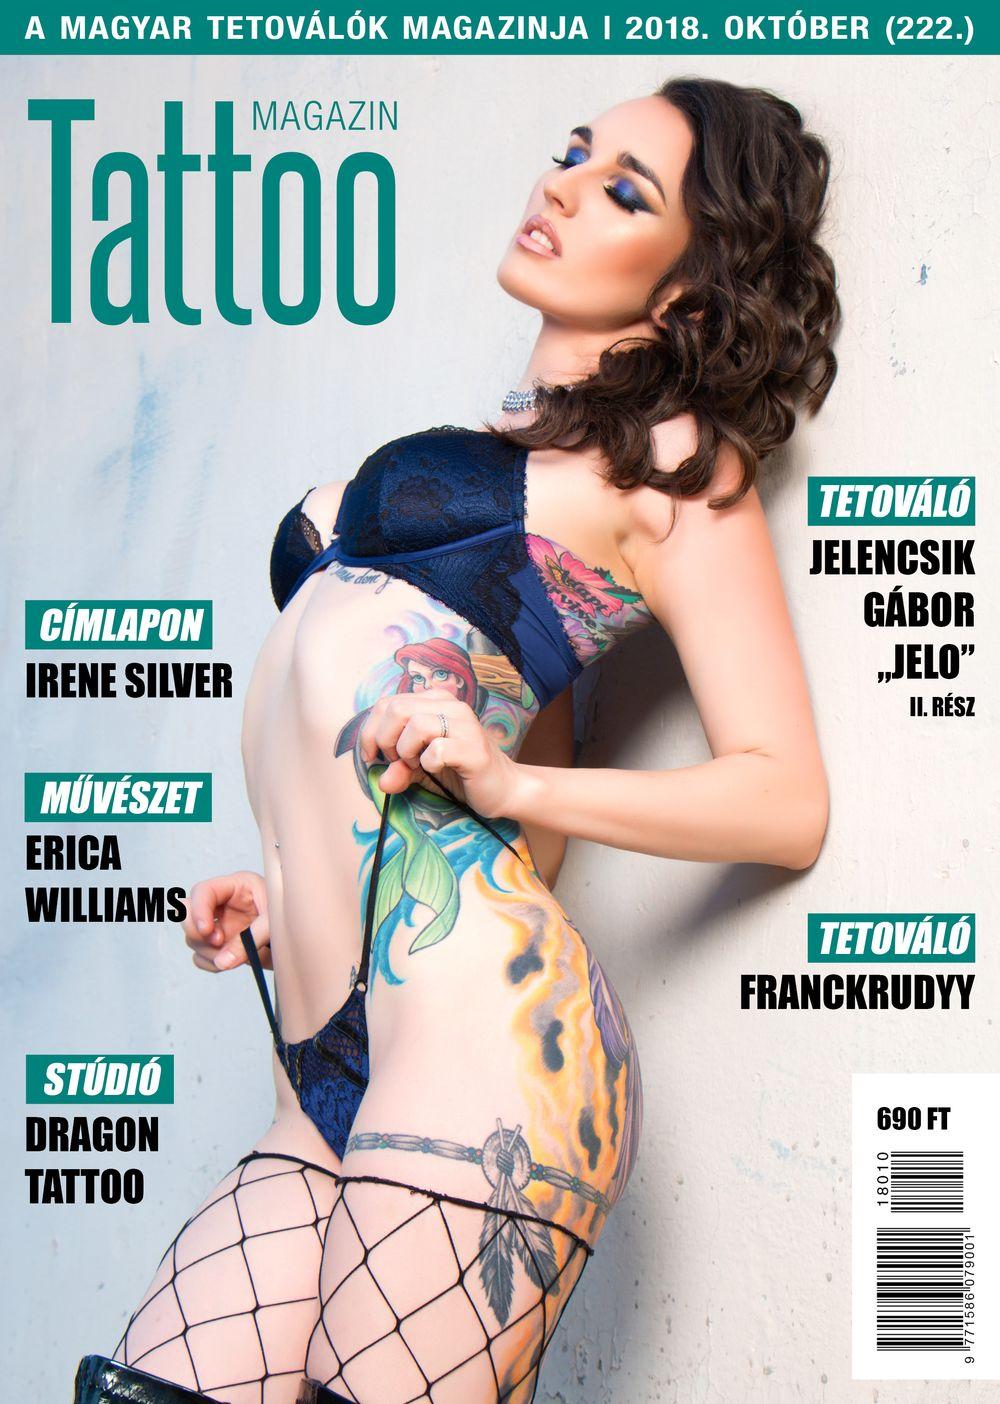 Tattoo Magazin 222. 2018. október